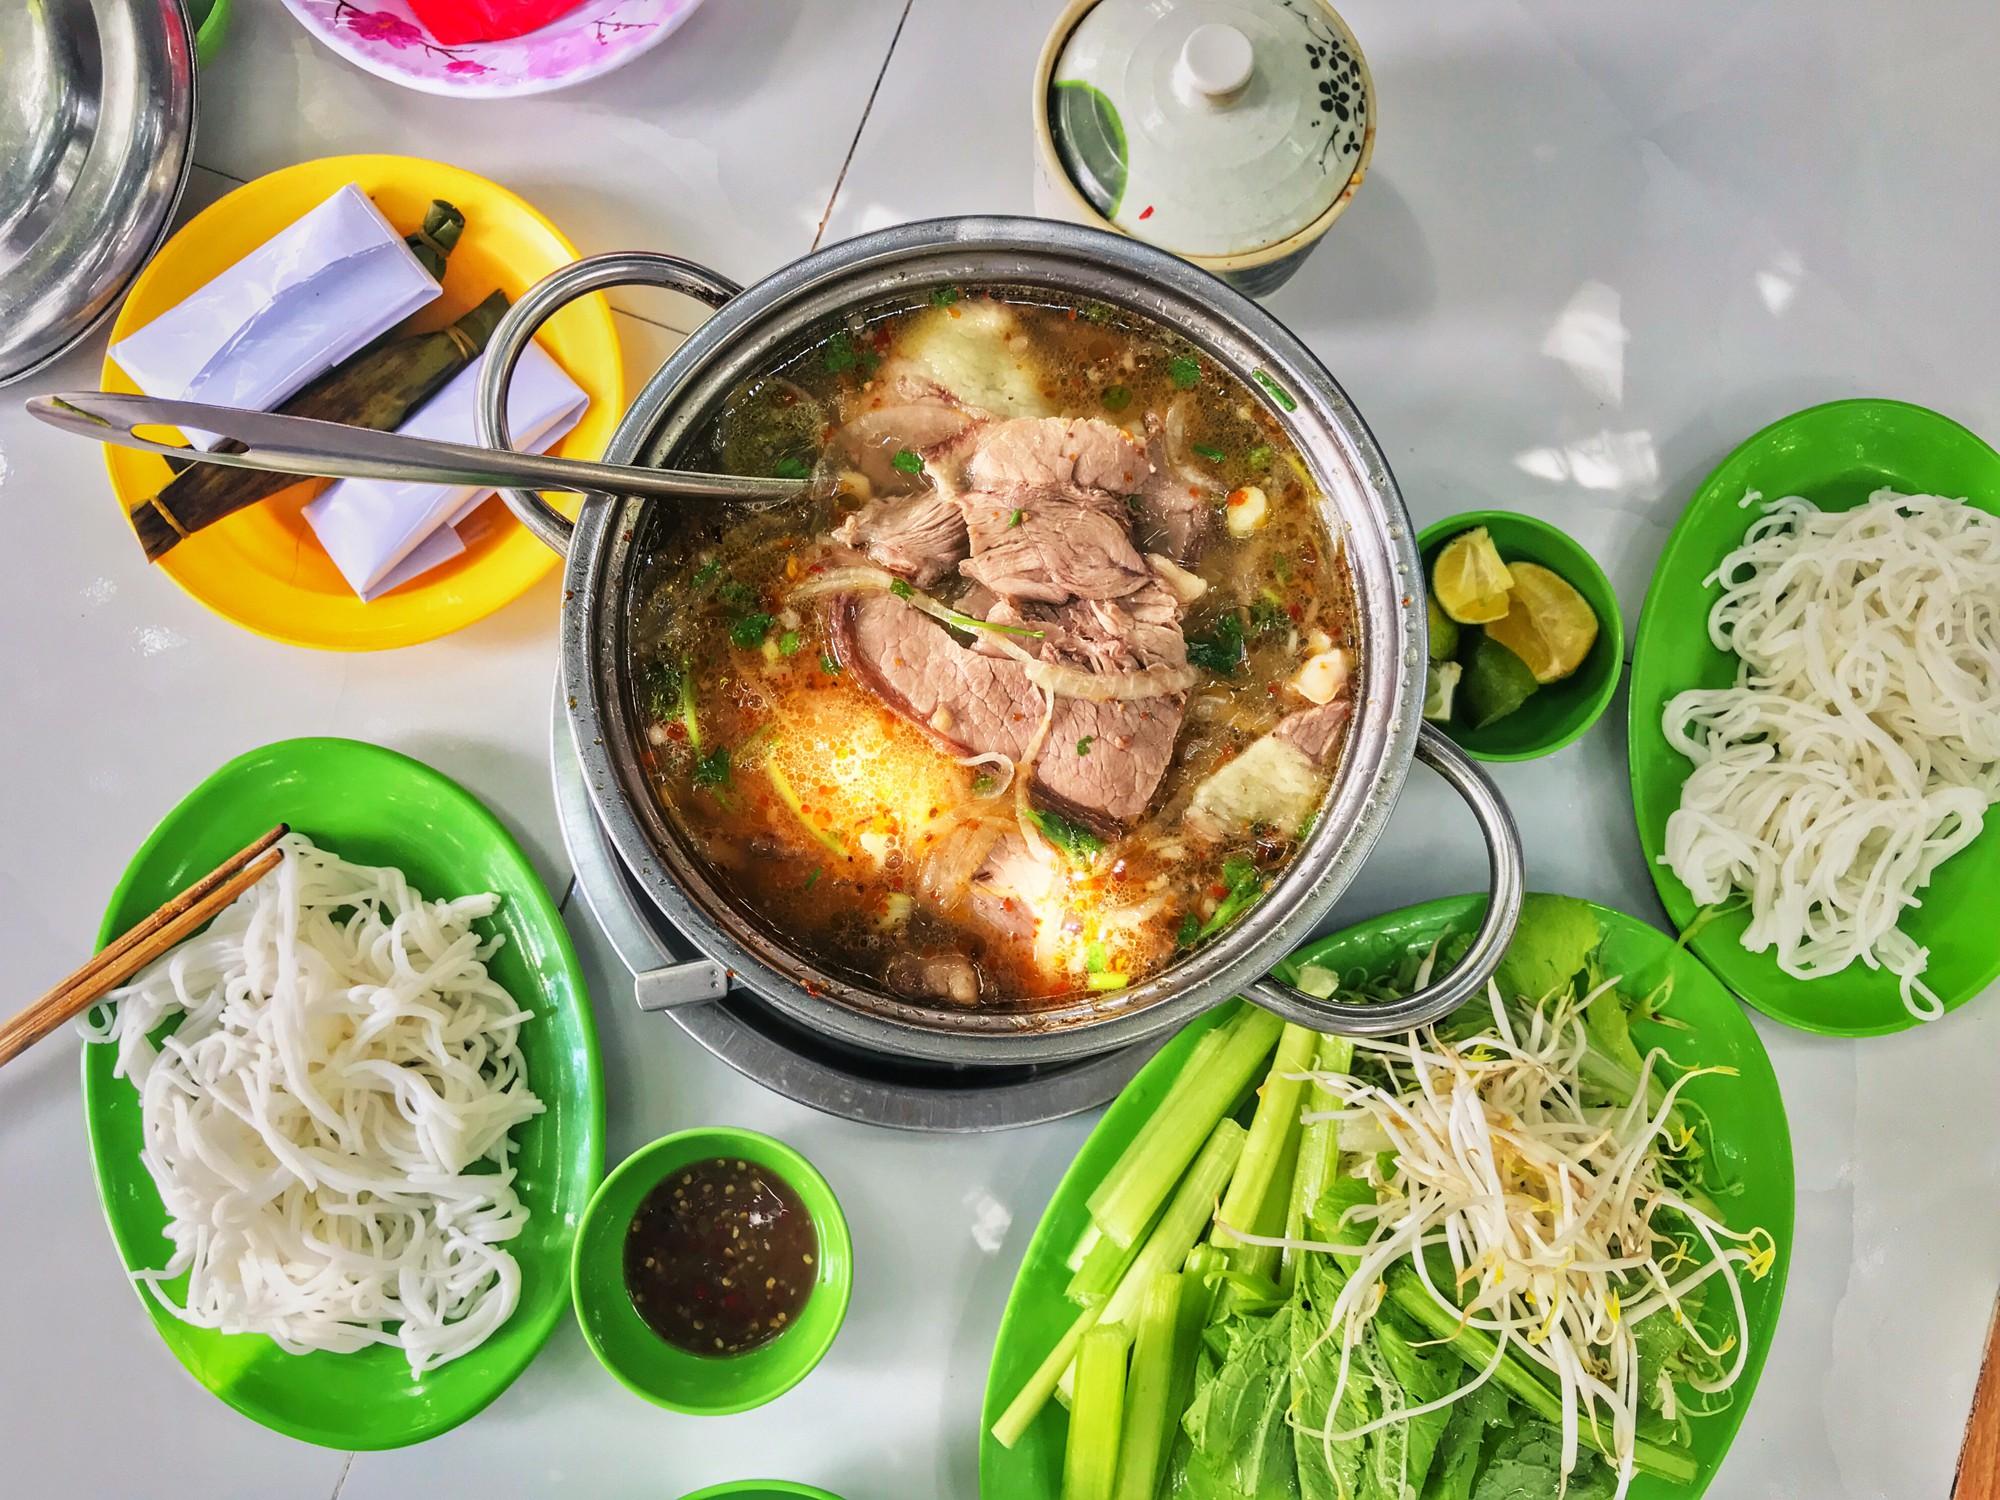 Quán lẩu bò nổi tiếng khiến người Sài Gòn lặn lội hàng chục cây số đến thưởng thức - Ảnh 3.